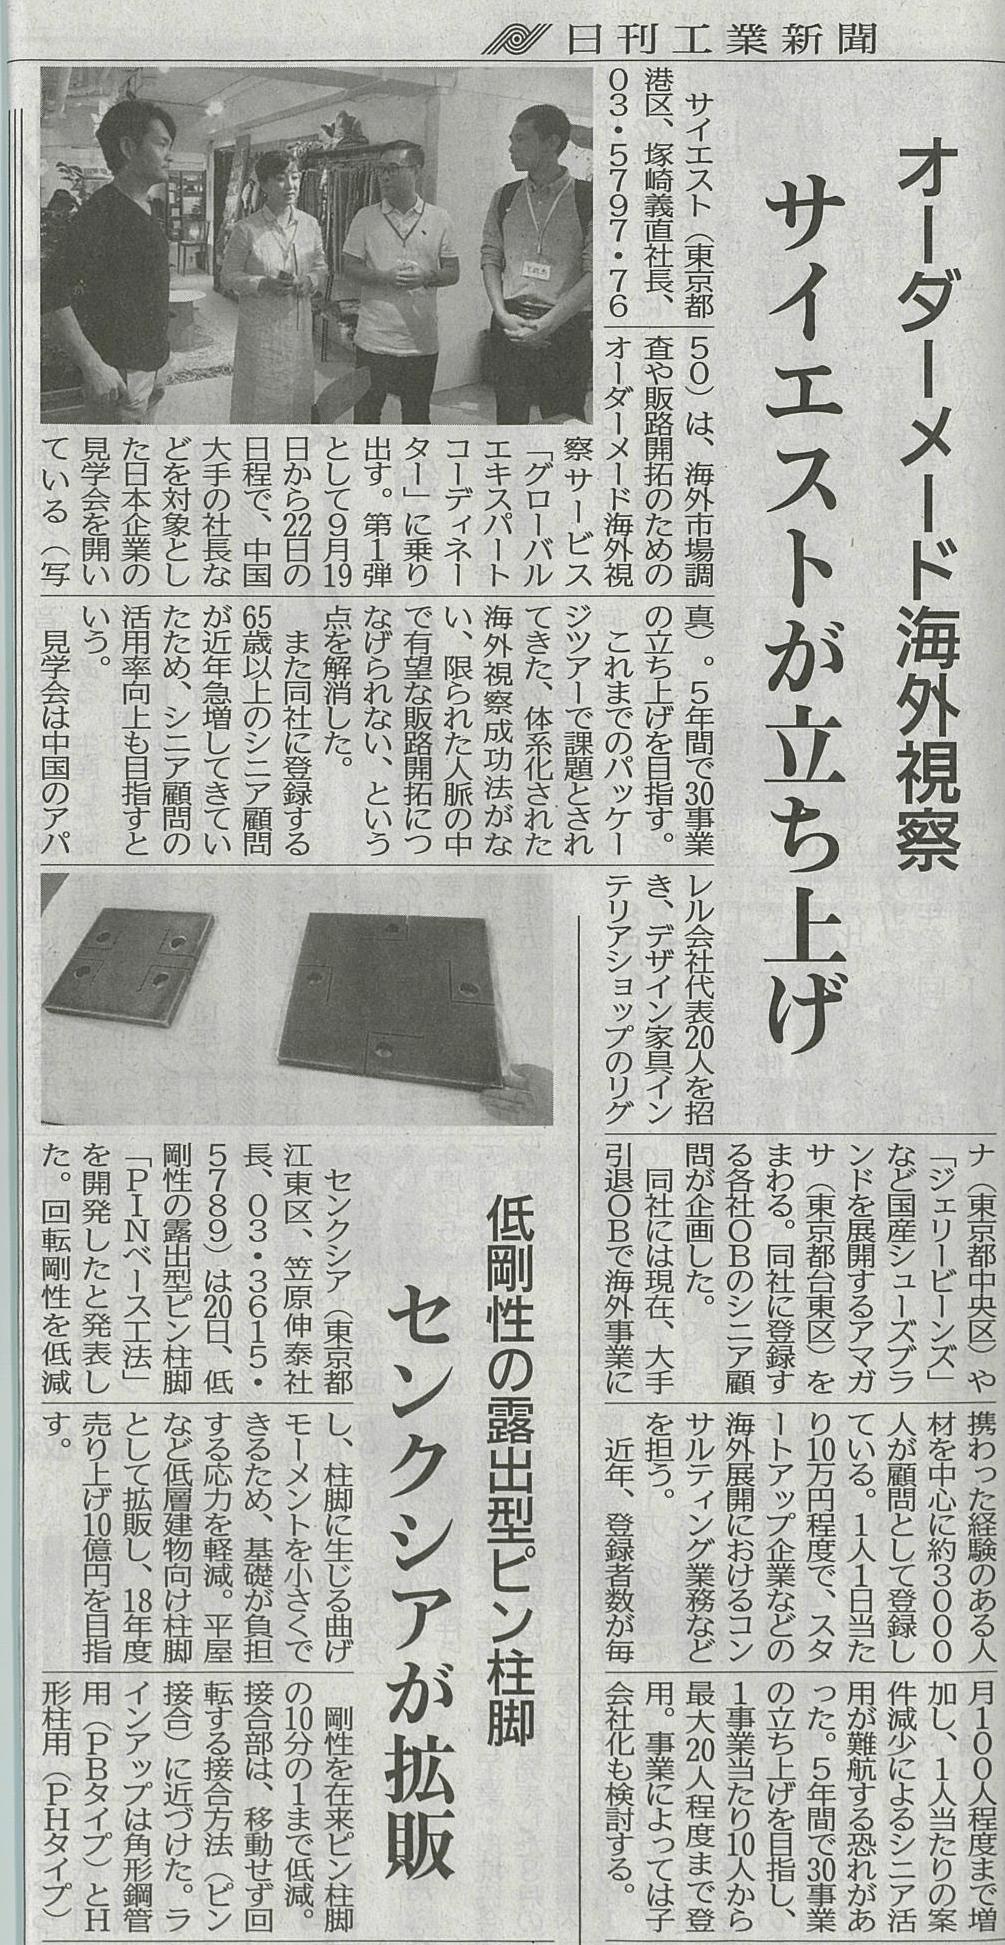 【新聞】日刊工業新聞に紹介されました。 | サイエスト株式會社